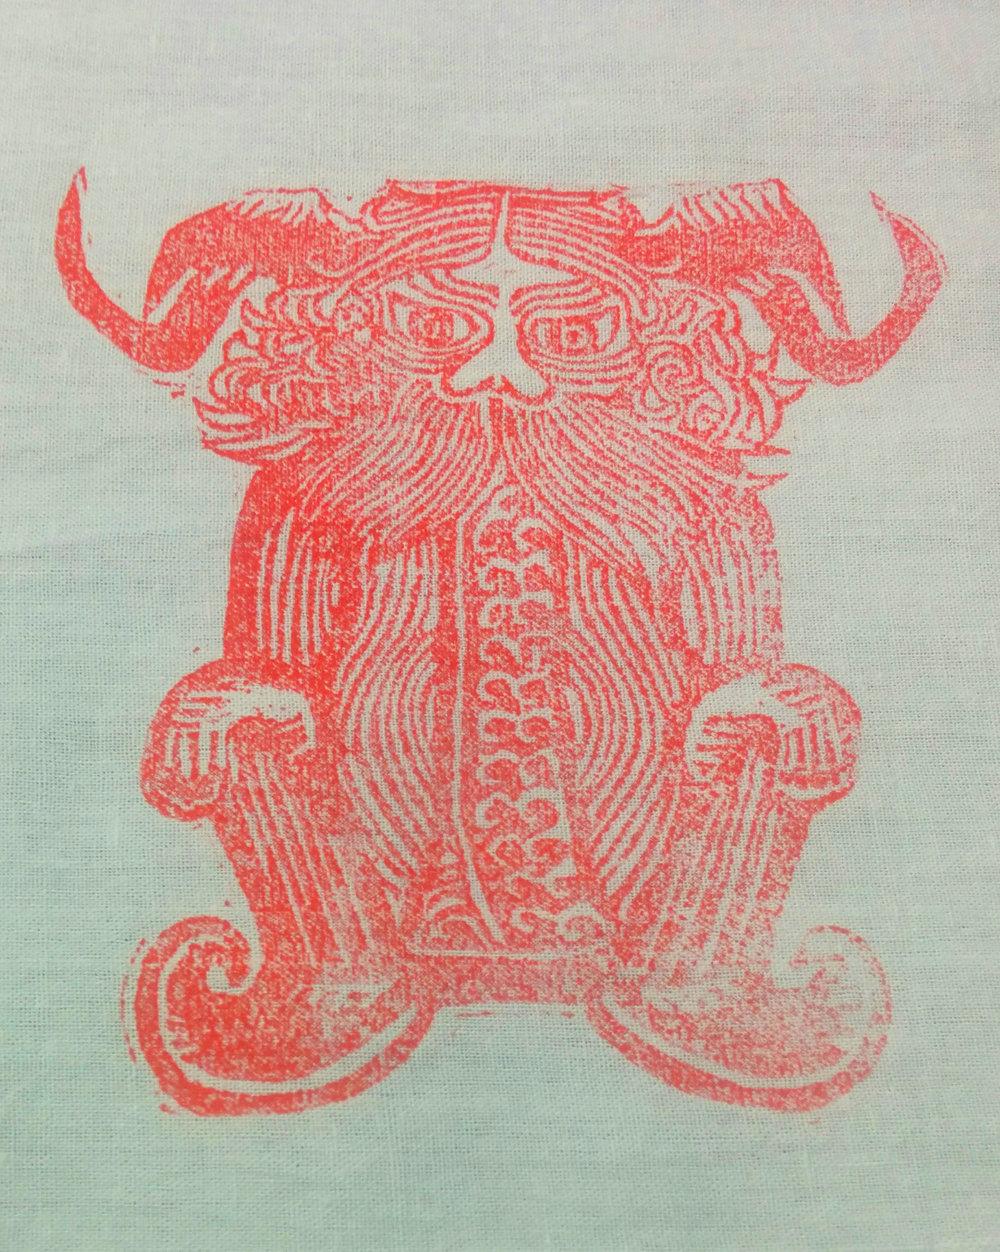 Judul : Si Gendut yang cemberut Artis : Tata Medium : Lino Cut Print di kain blacu